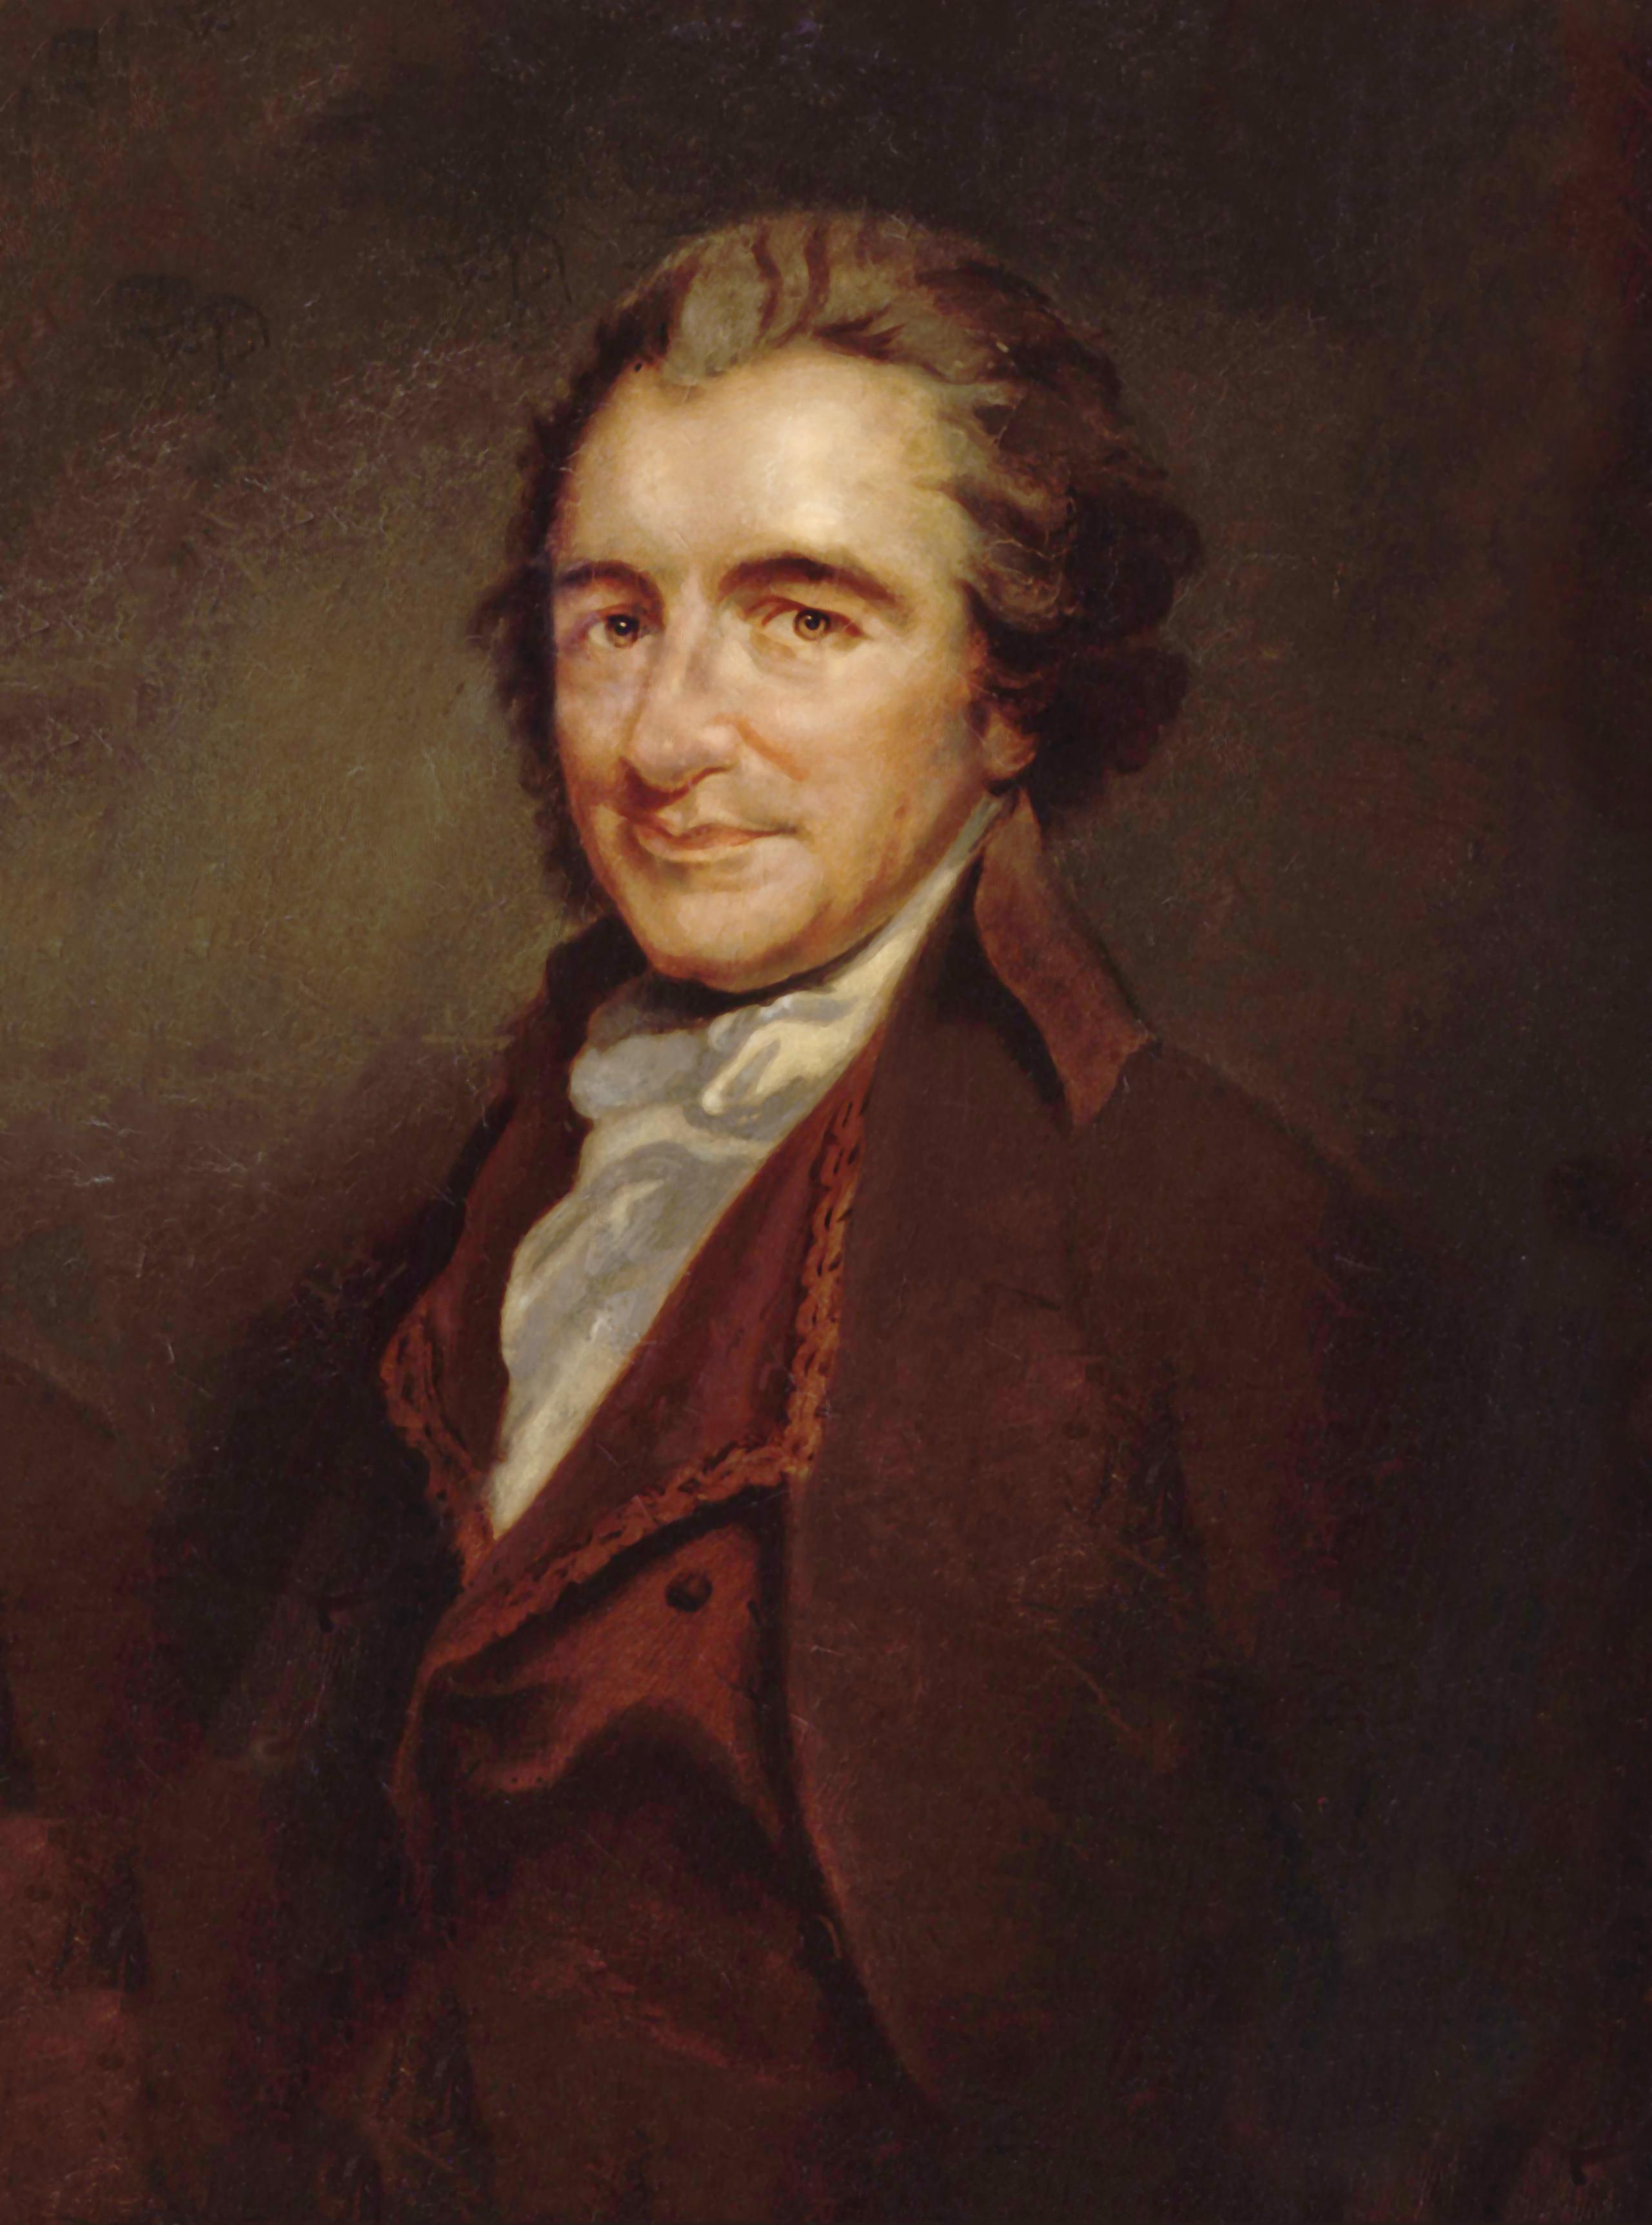 Thomas Paine, Ralph Waldo Emerson on Spontaneous Order